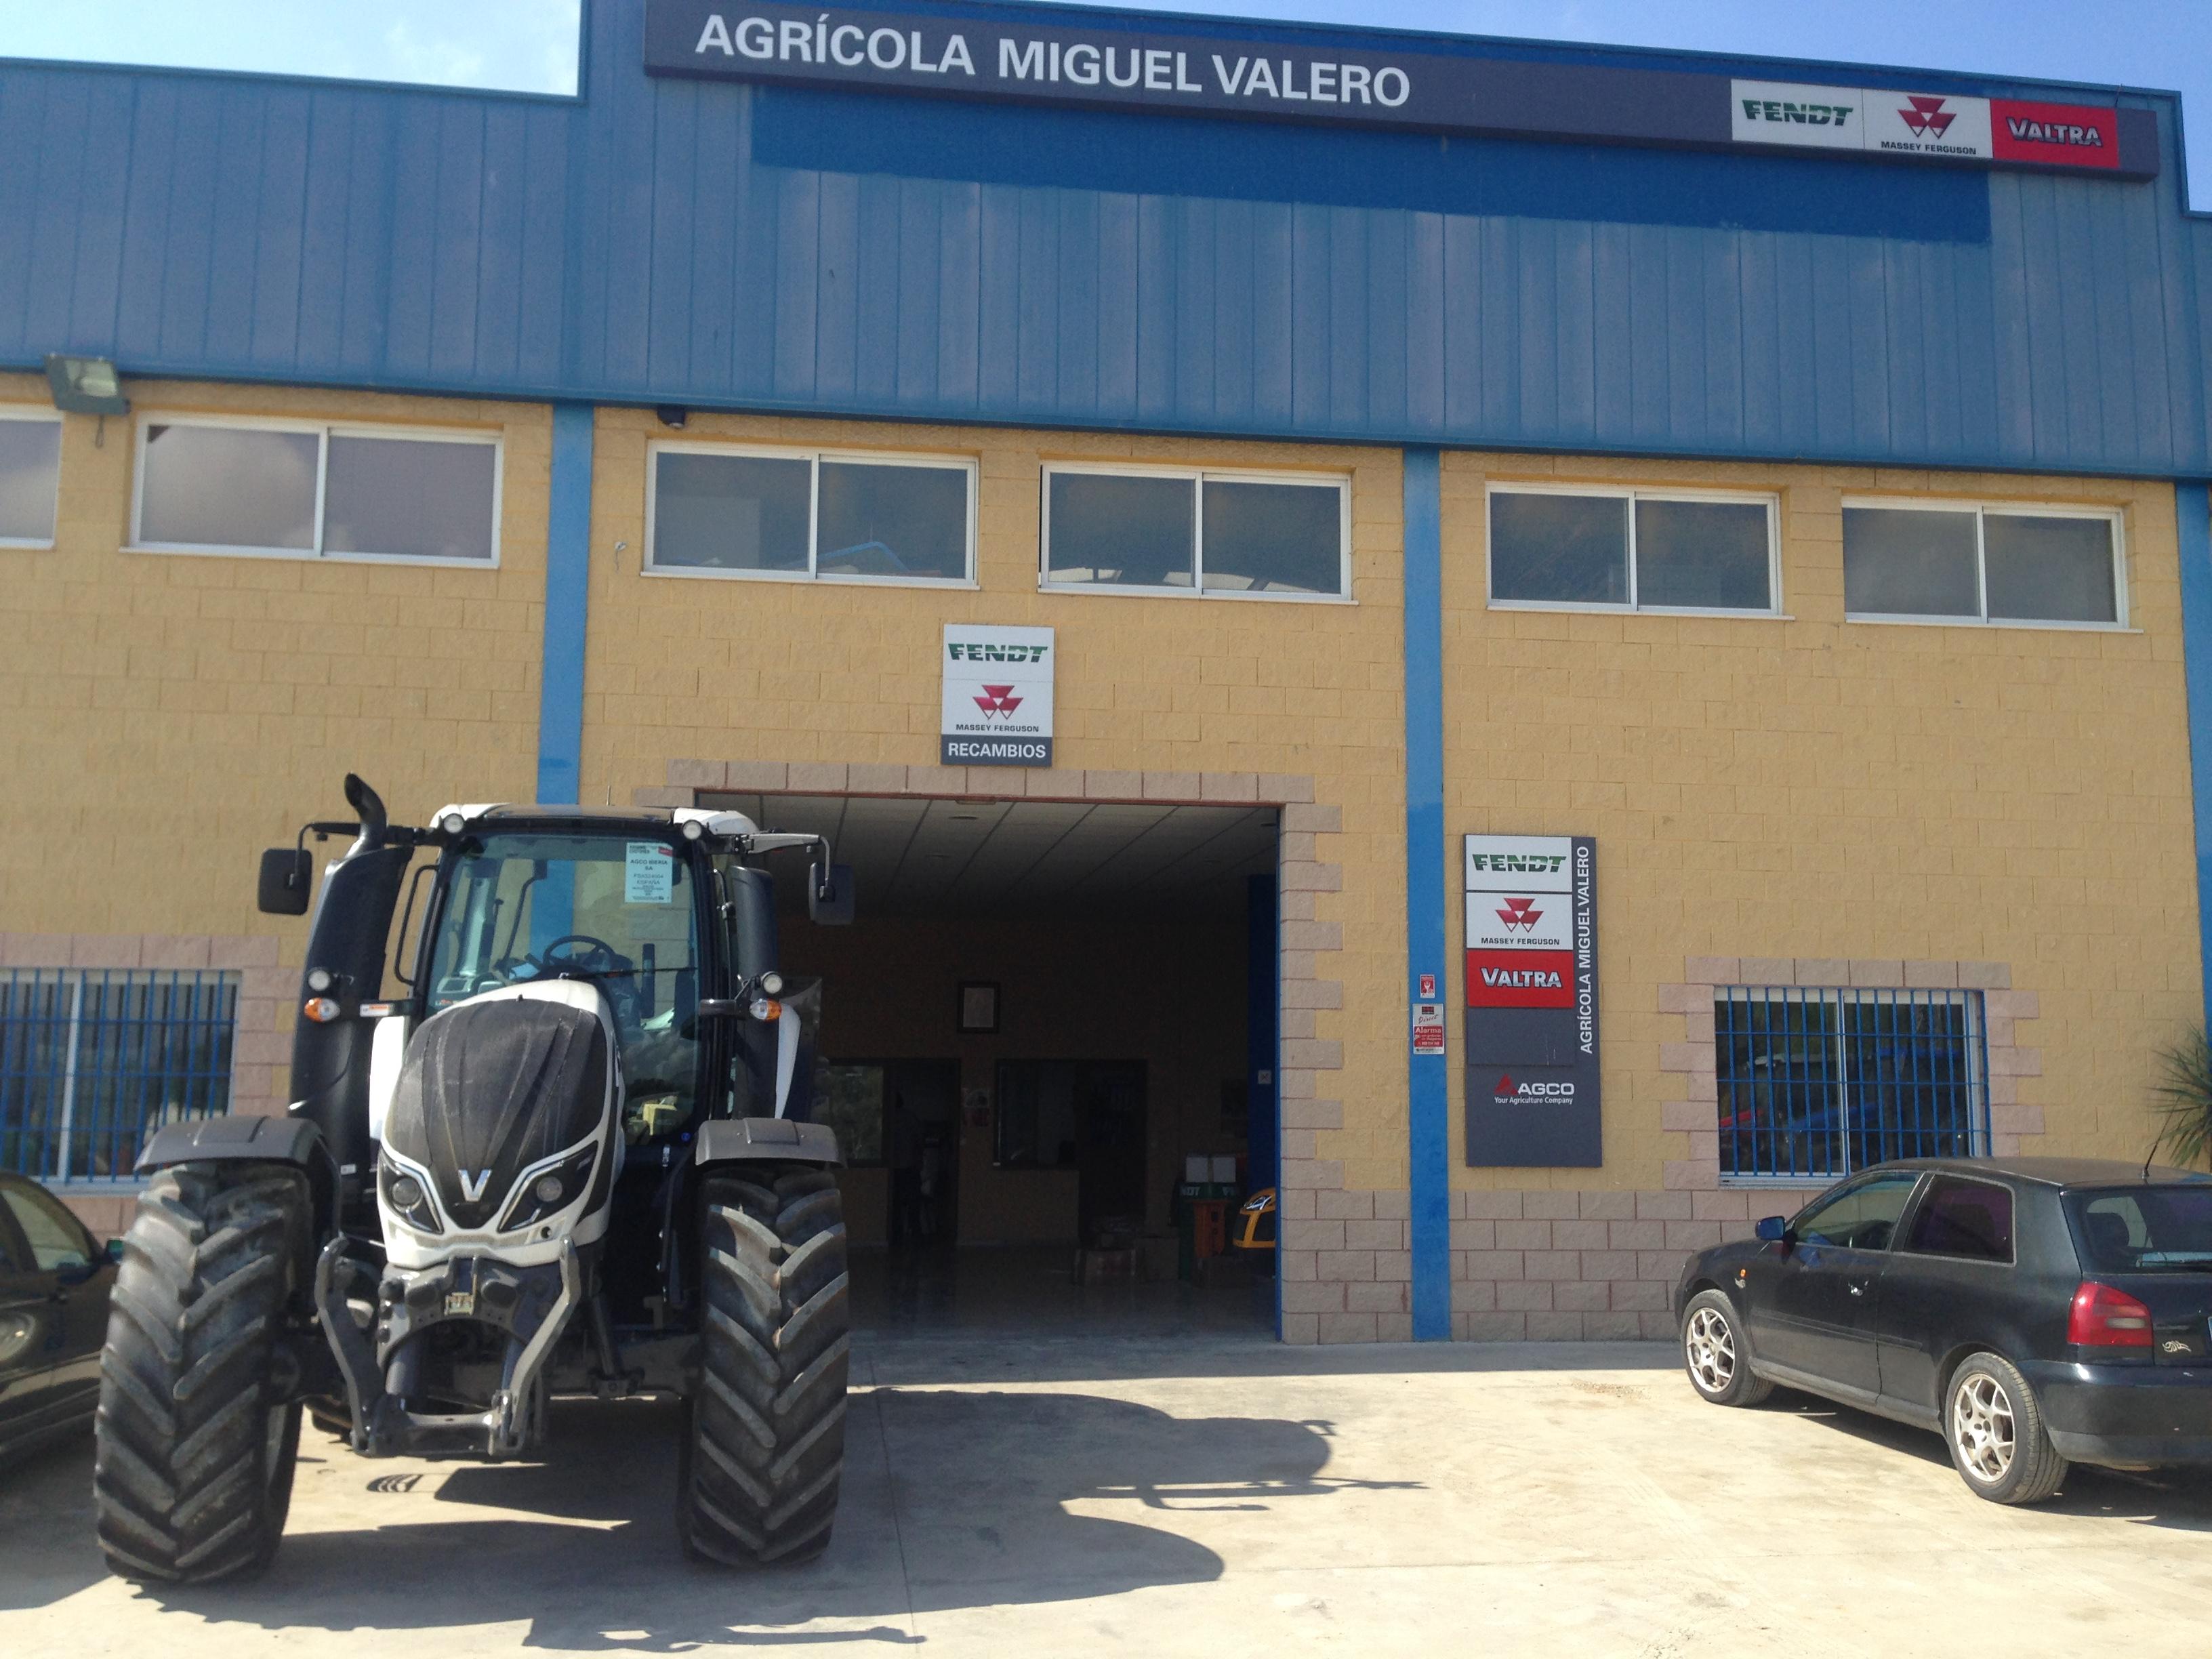 Agrícola Miguel Valero S.l.